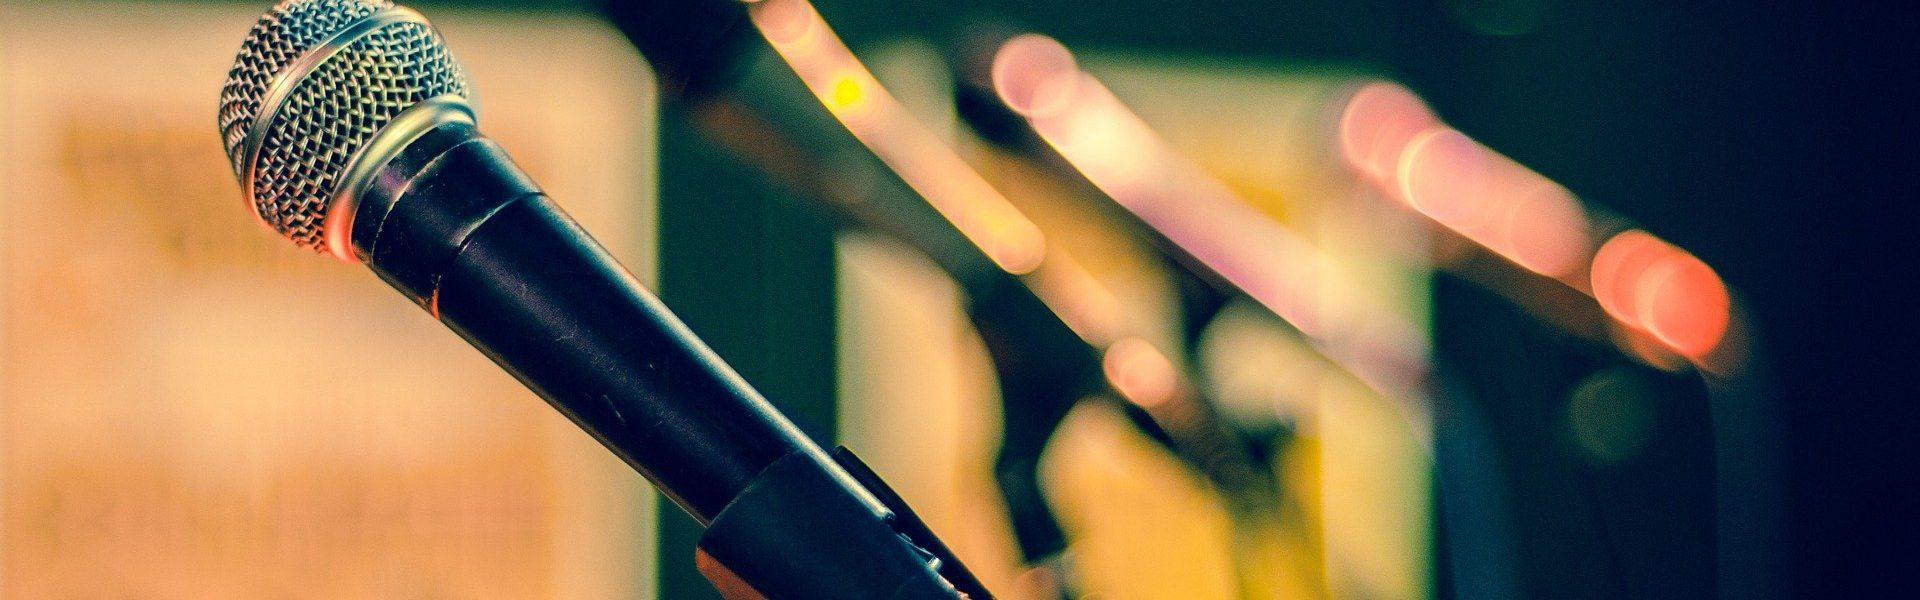 Header Bild Digital musizieren